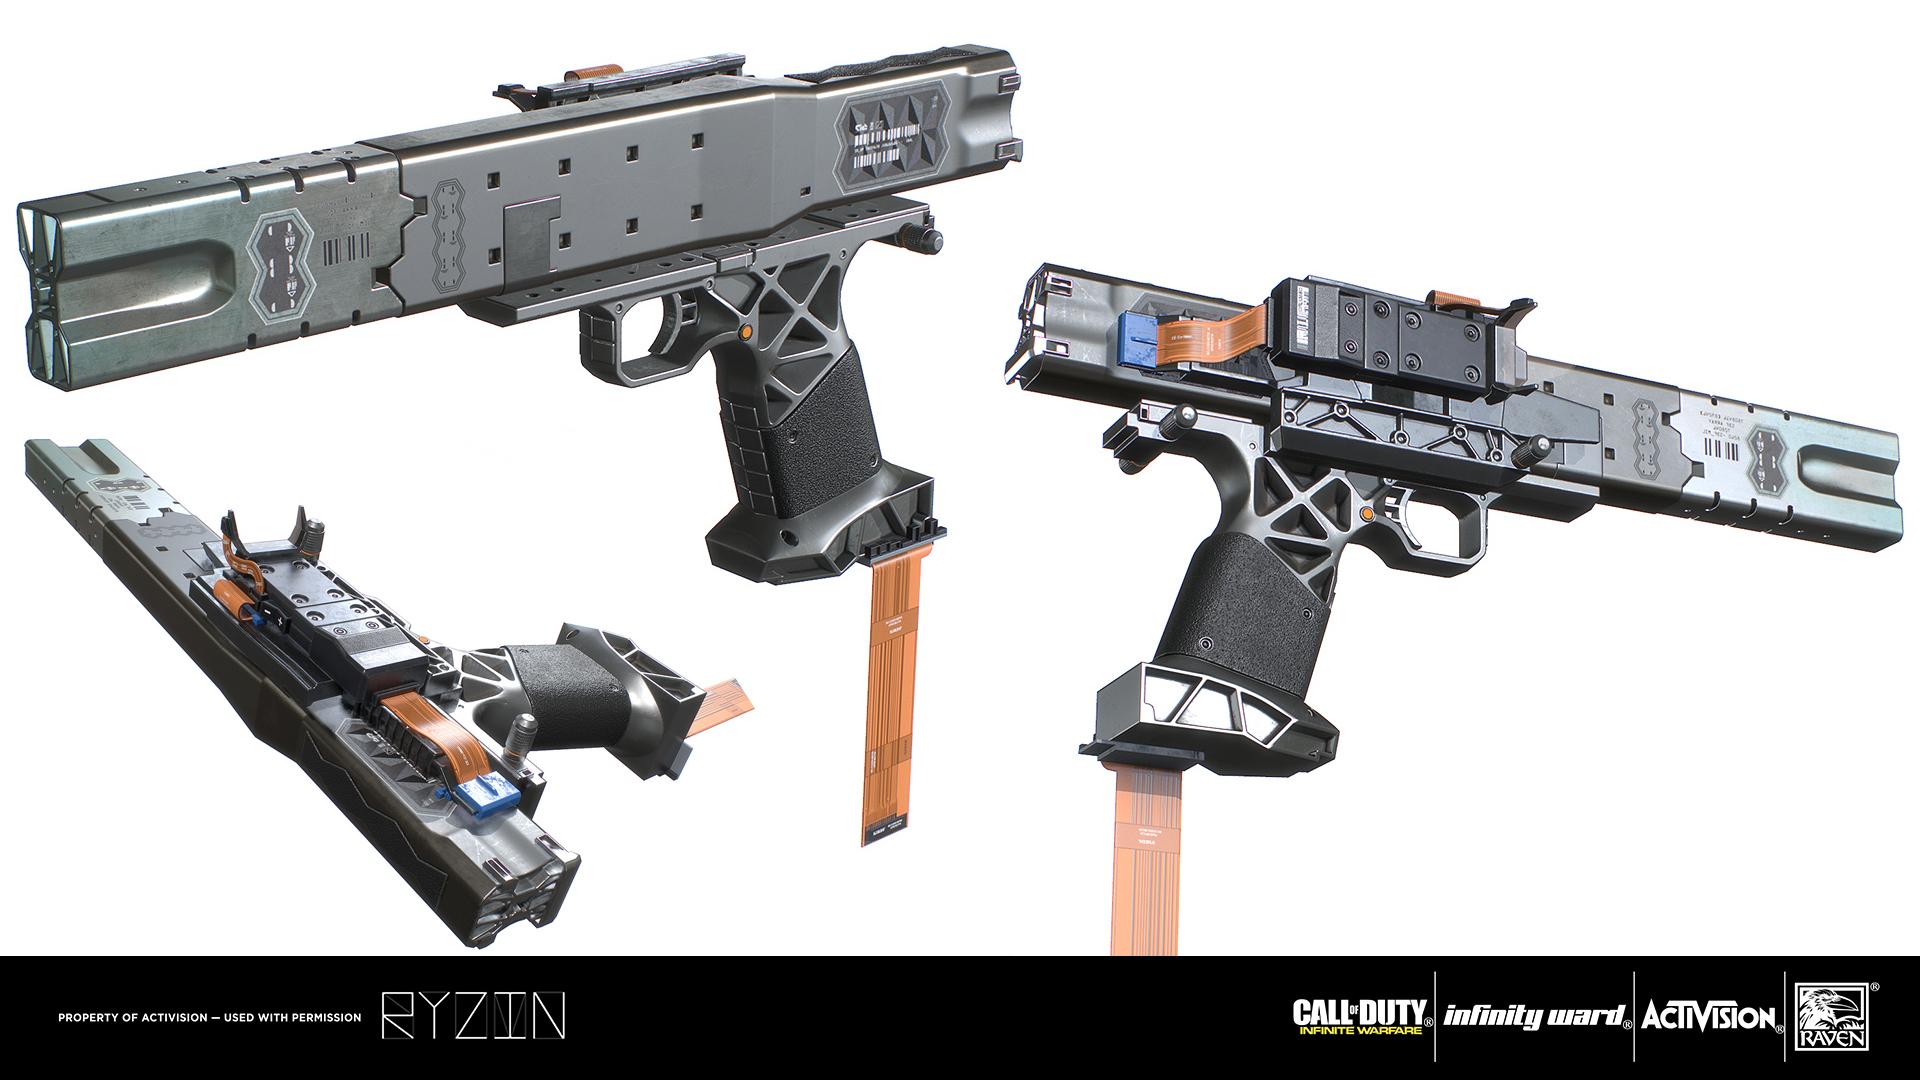 FTL_pistol01.jpg